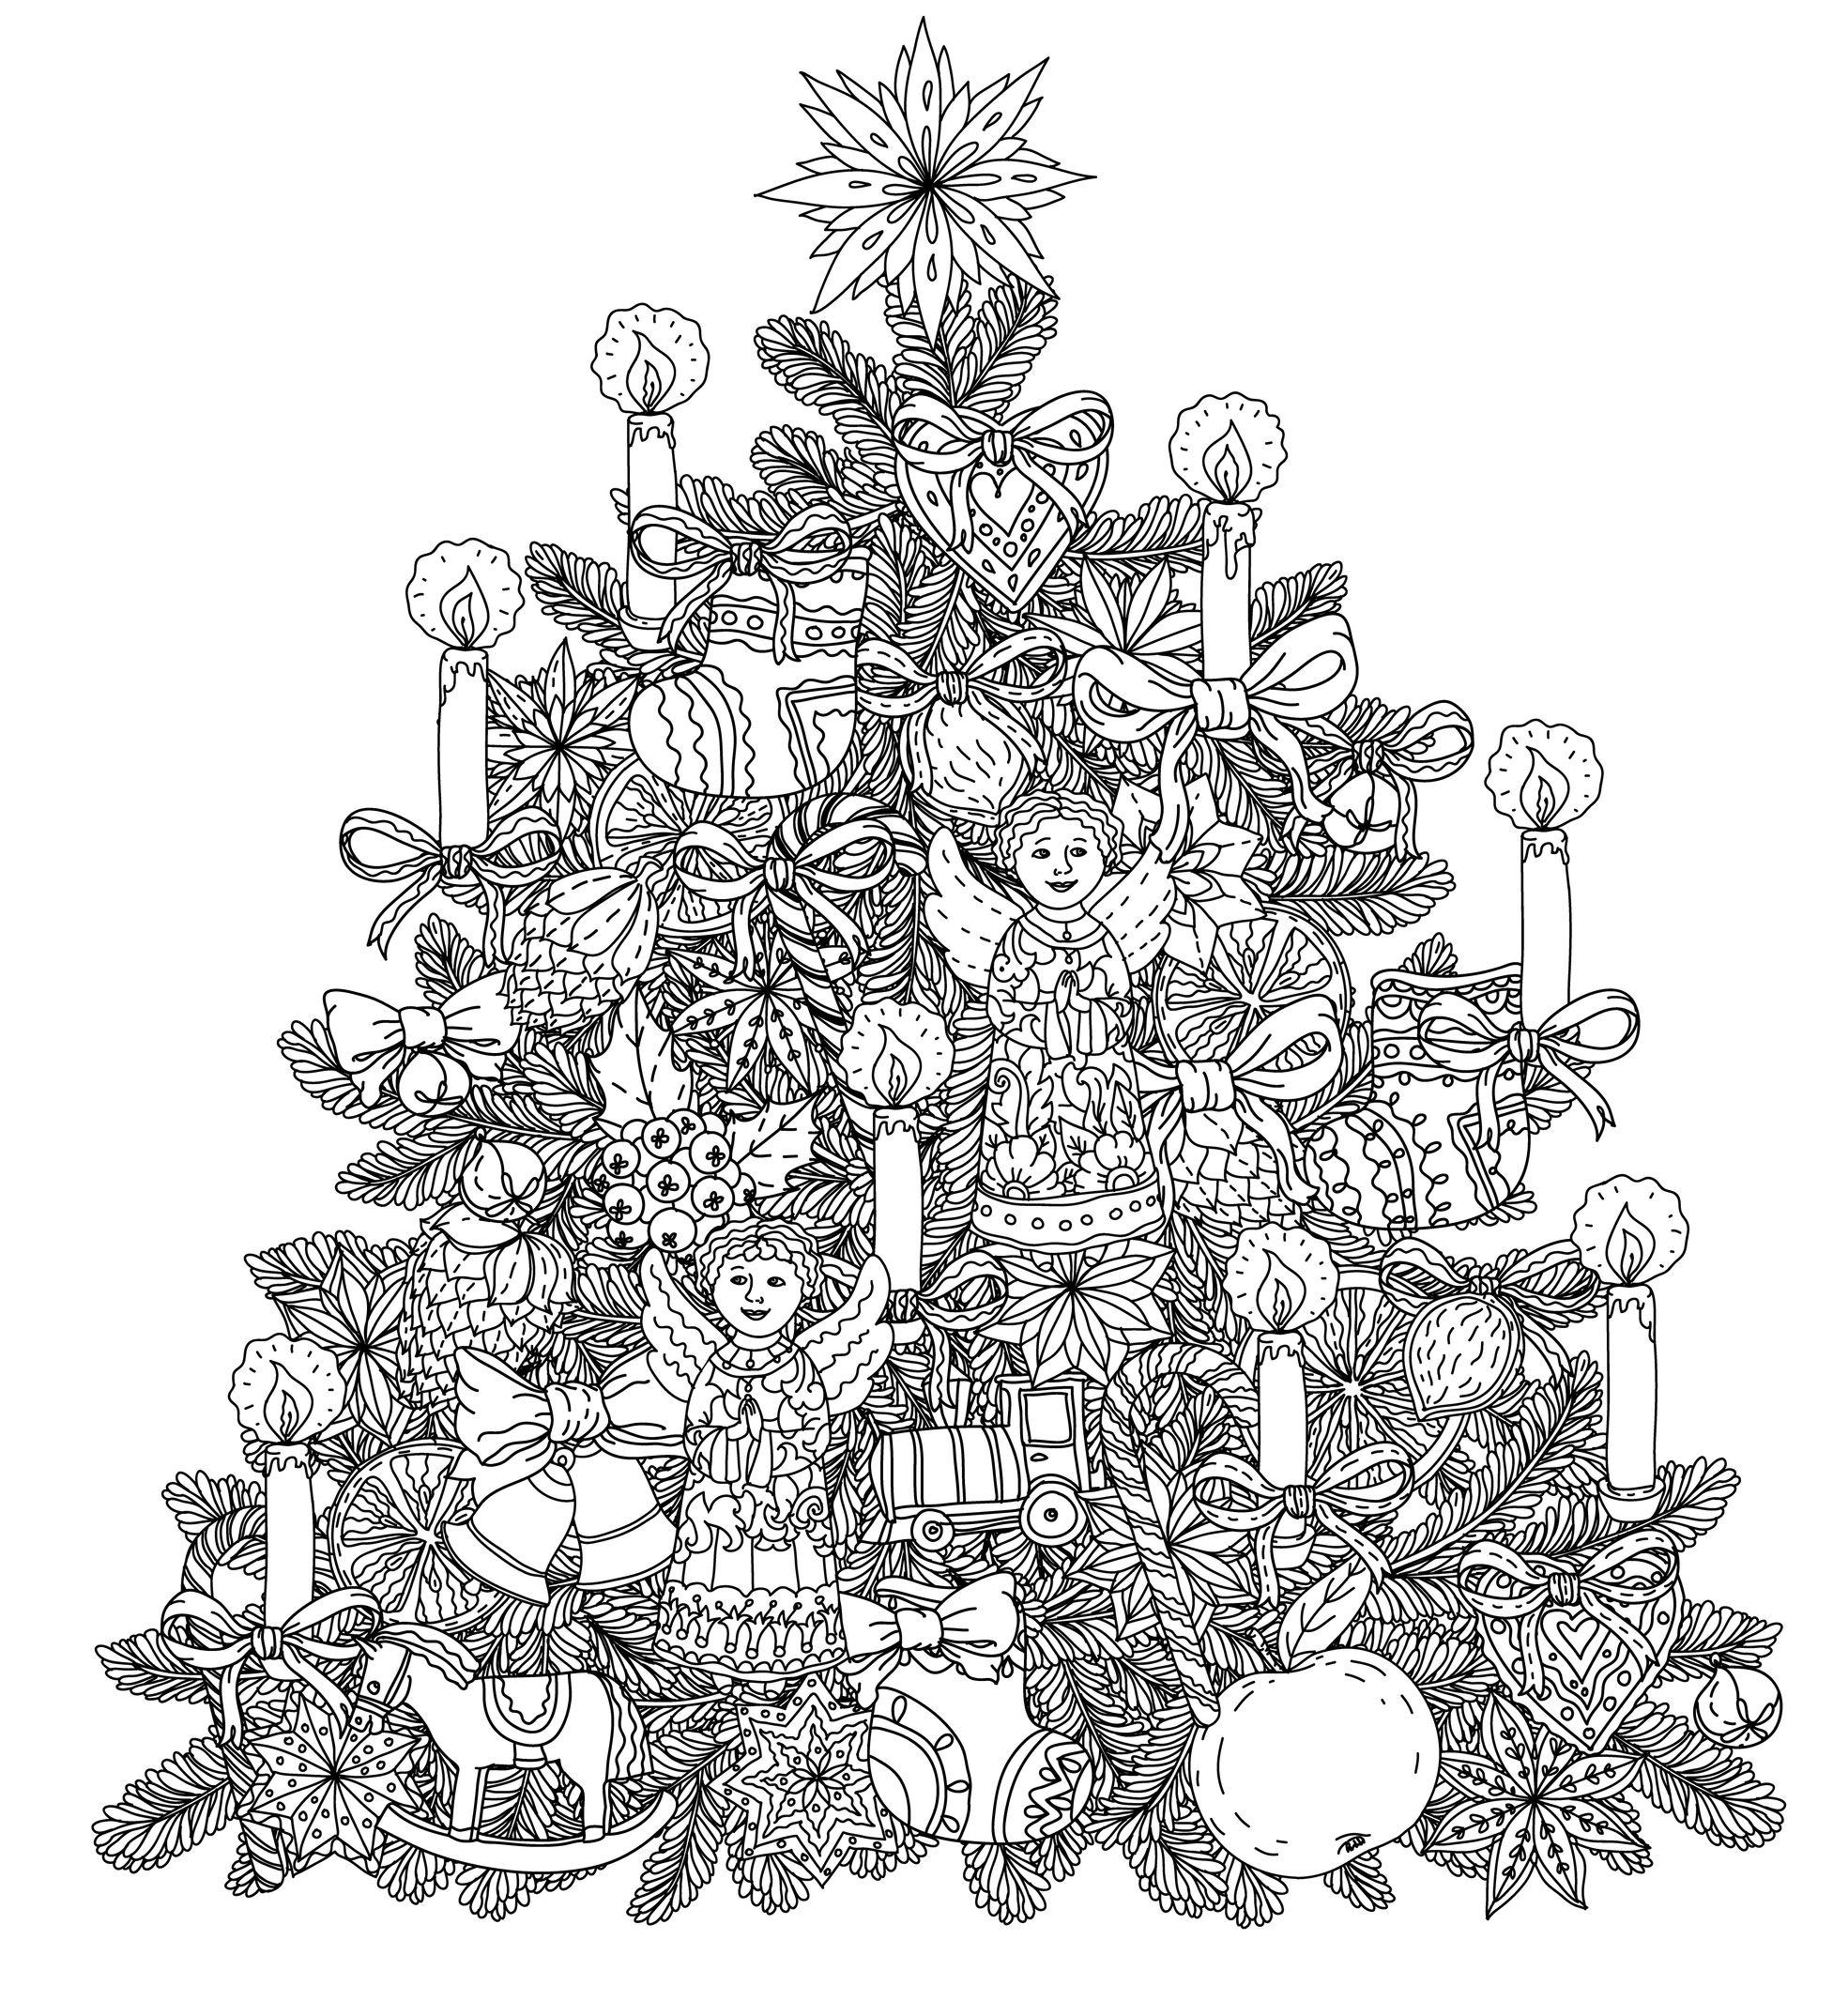 Weihnachten 18233 - Weihnachten - Malbuch Fur Erwachsene